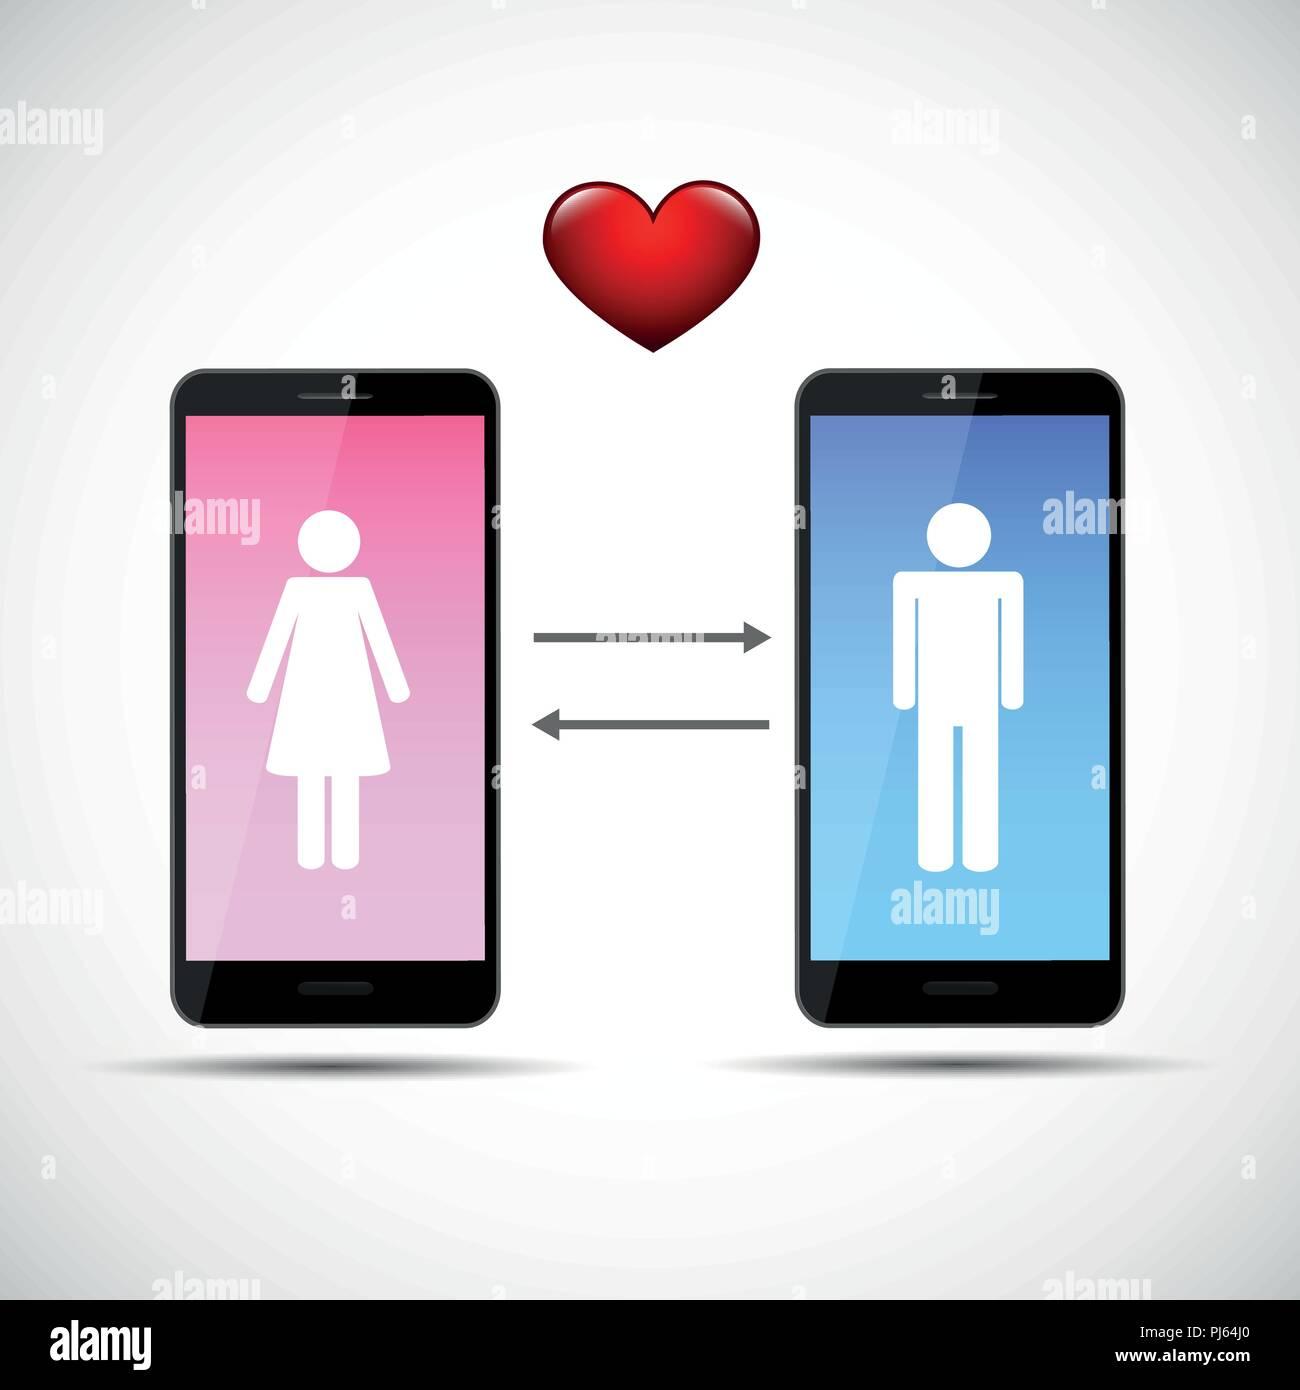 Ee online dating